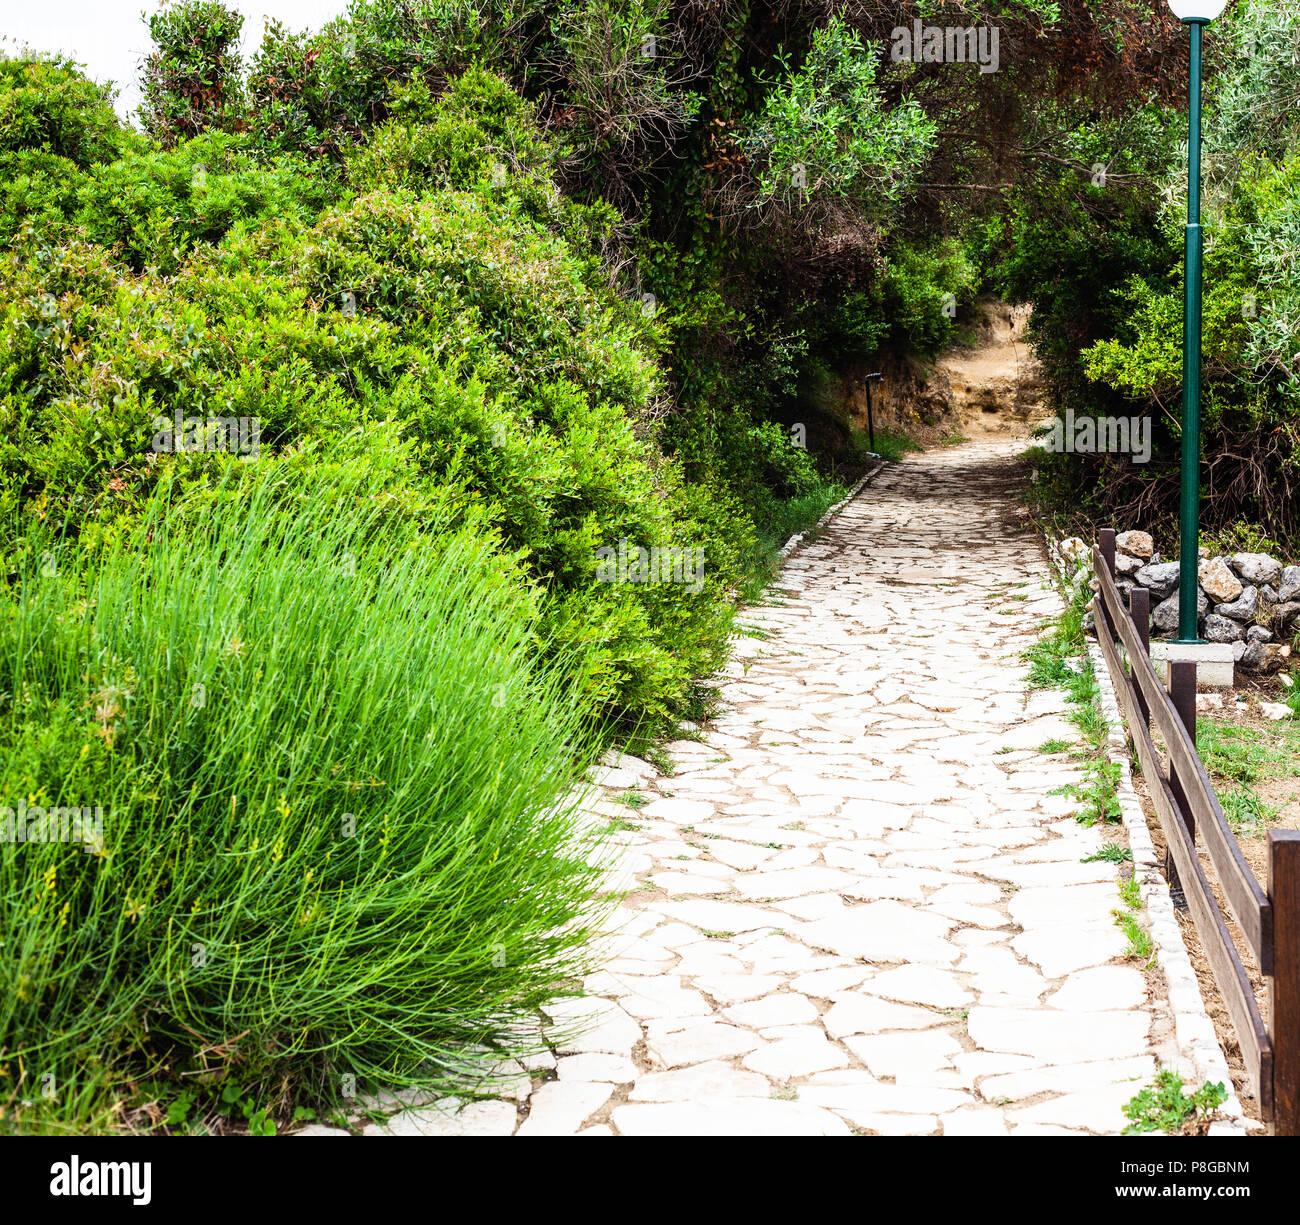 Fantástico camino de piedra con vallas laterales elegante rodeado de maravillosos arbustos verdes bajo una asombrosa brillante cielo azul, sin nubes. Un montón de backwoo Imagen De Stock